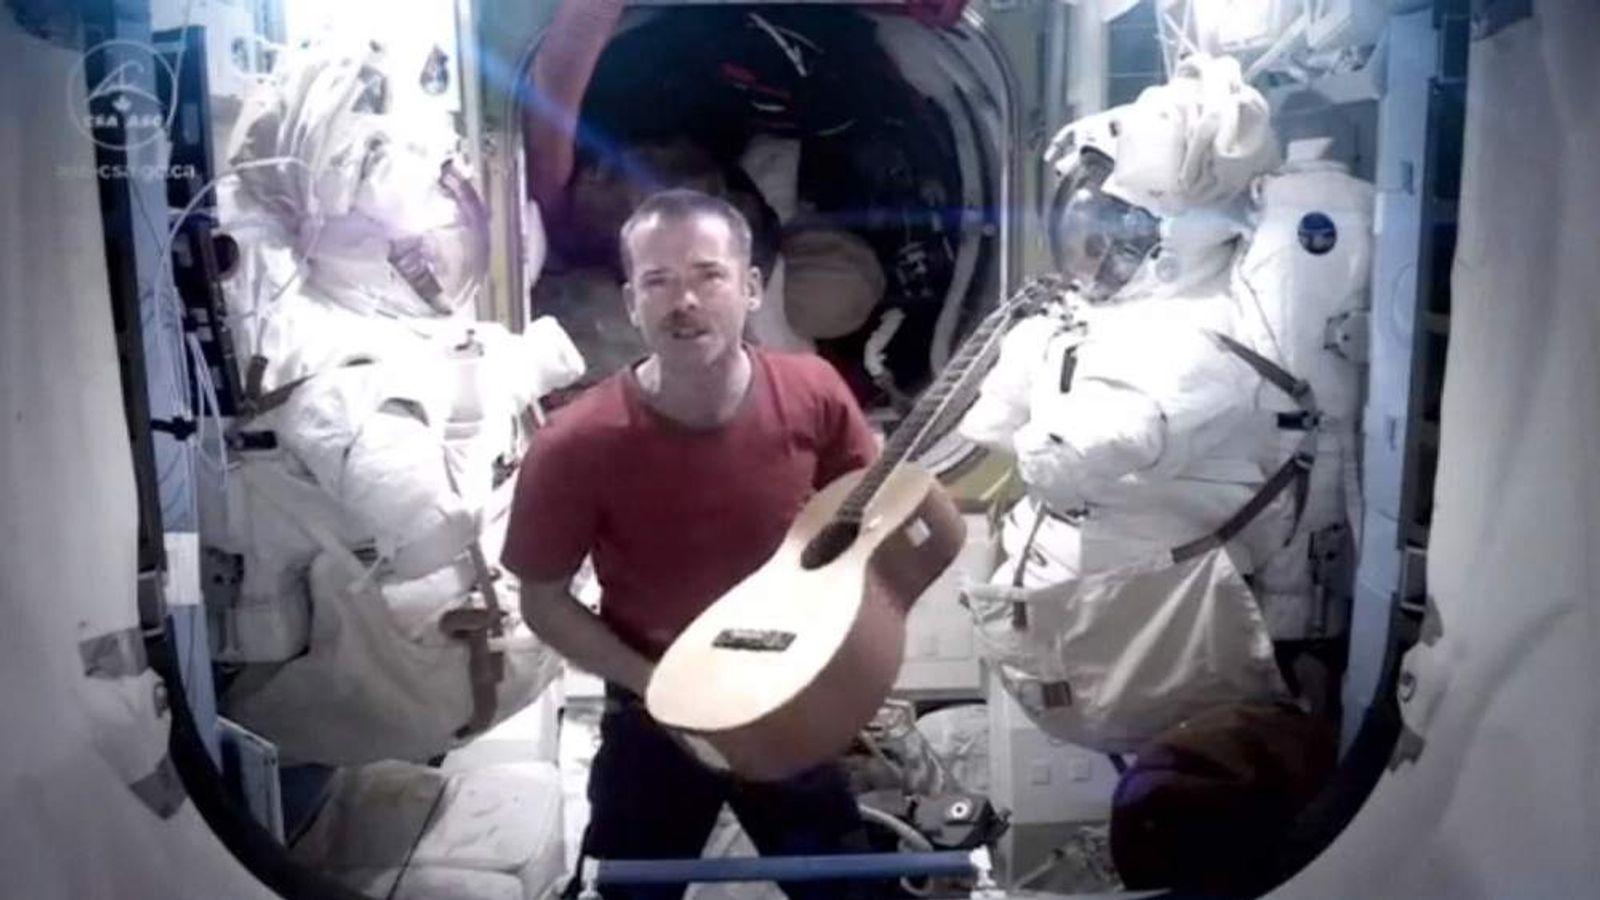 Nasa astronaut plays guitar